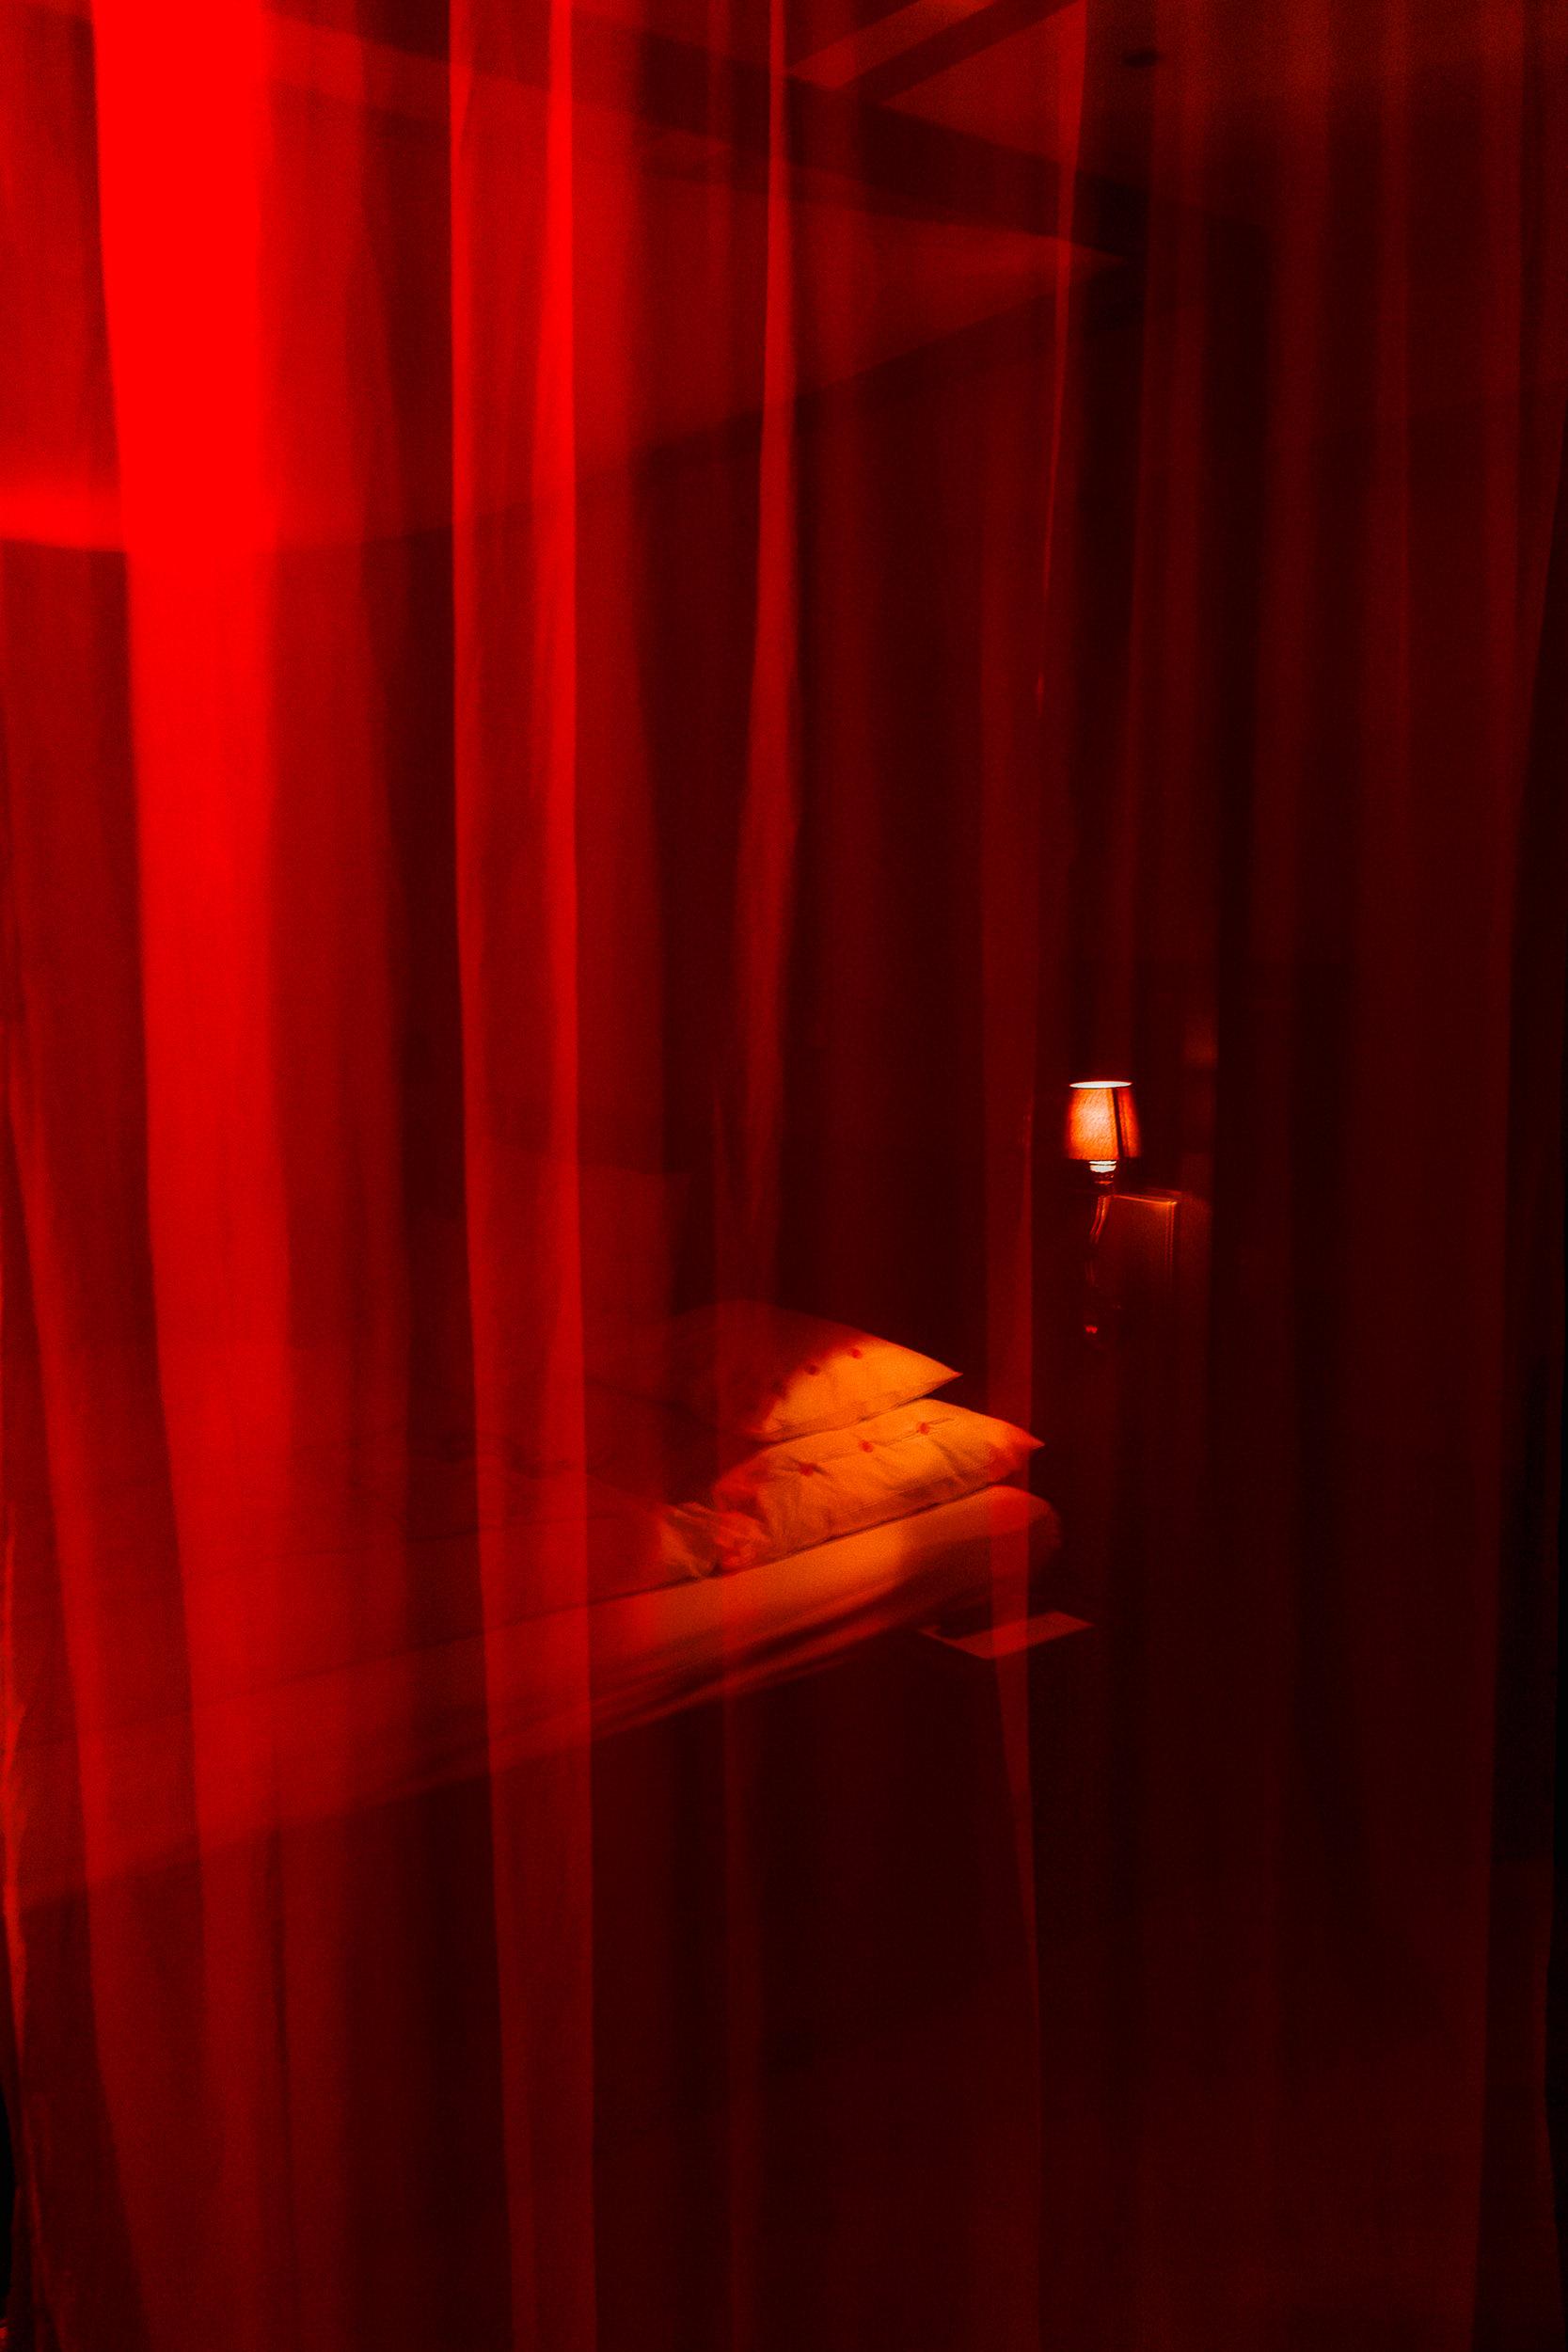 26042015-pmichellon -24032015- pmichellon-red.jpg